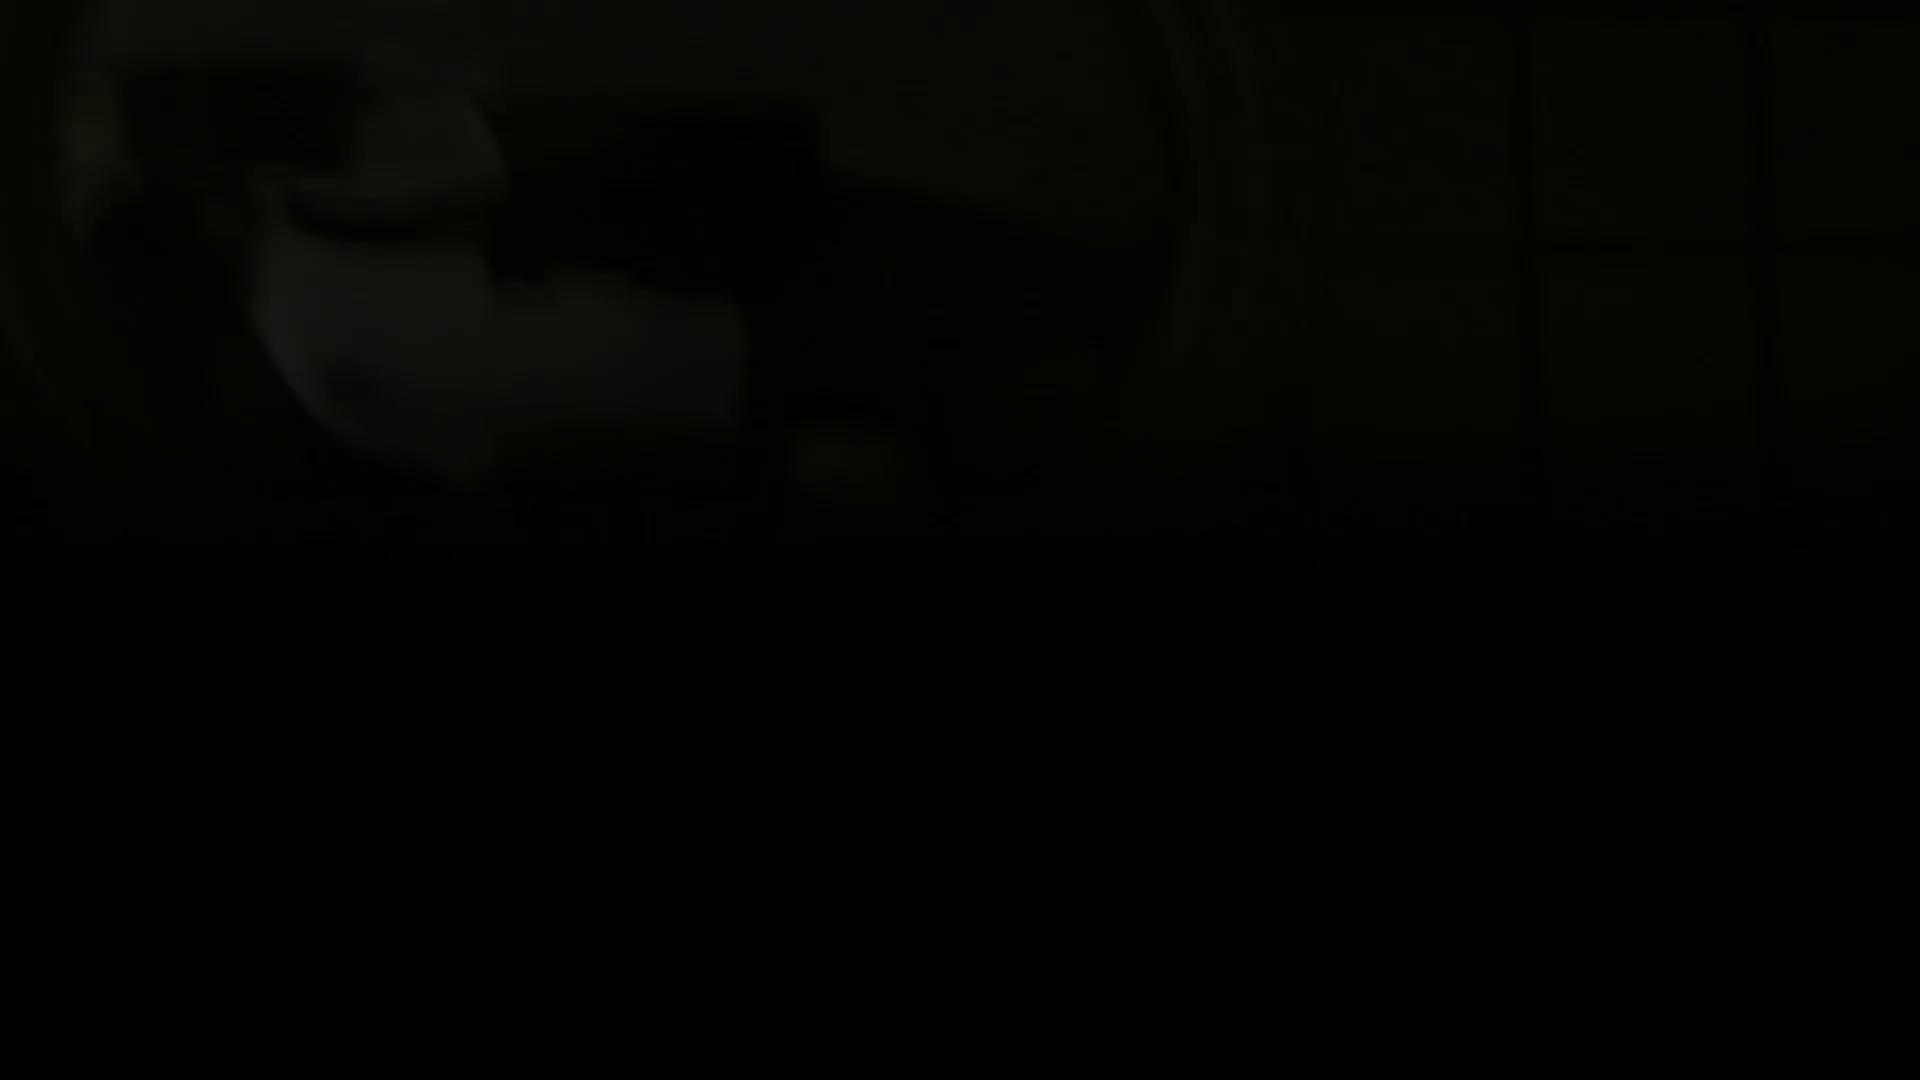 ギャルのツルピカ潜入盗撮!Vol.10 リアルうんこ すけべAV動画紹介 75PIX 62